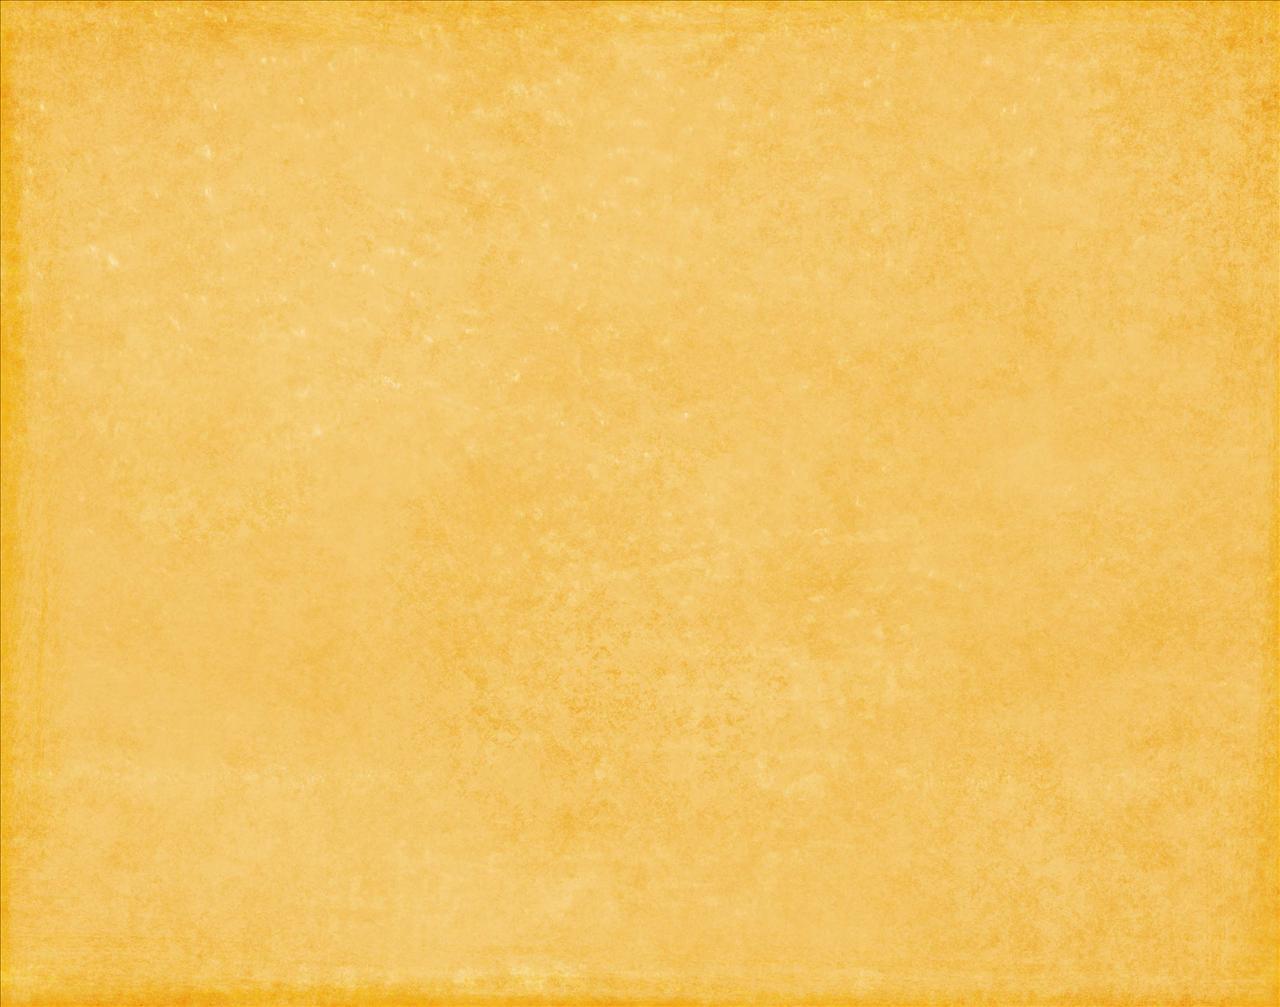 jprat jpret wow Gold Backgrounds Gold Seamless 1280x1007